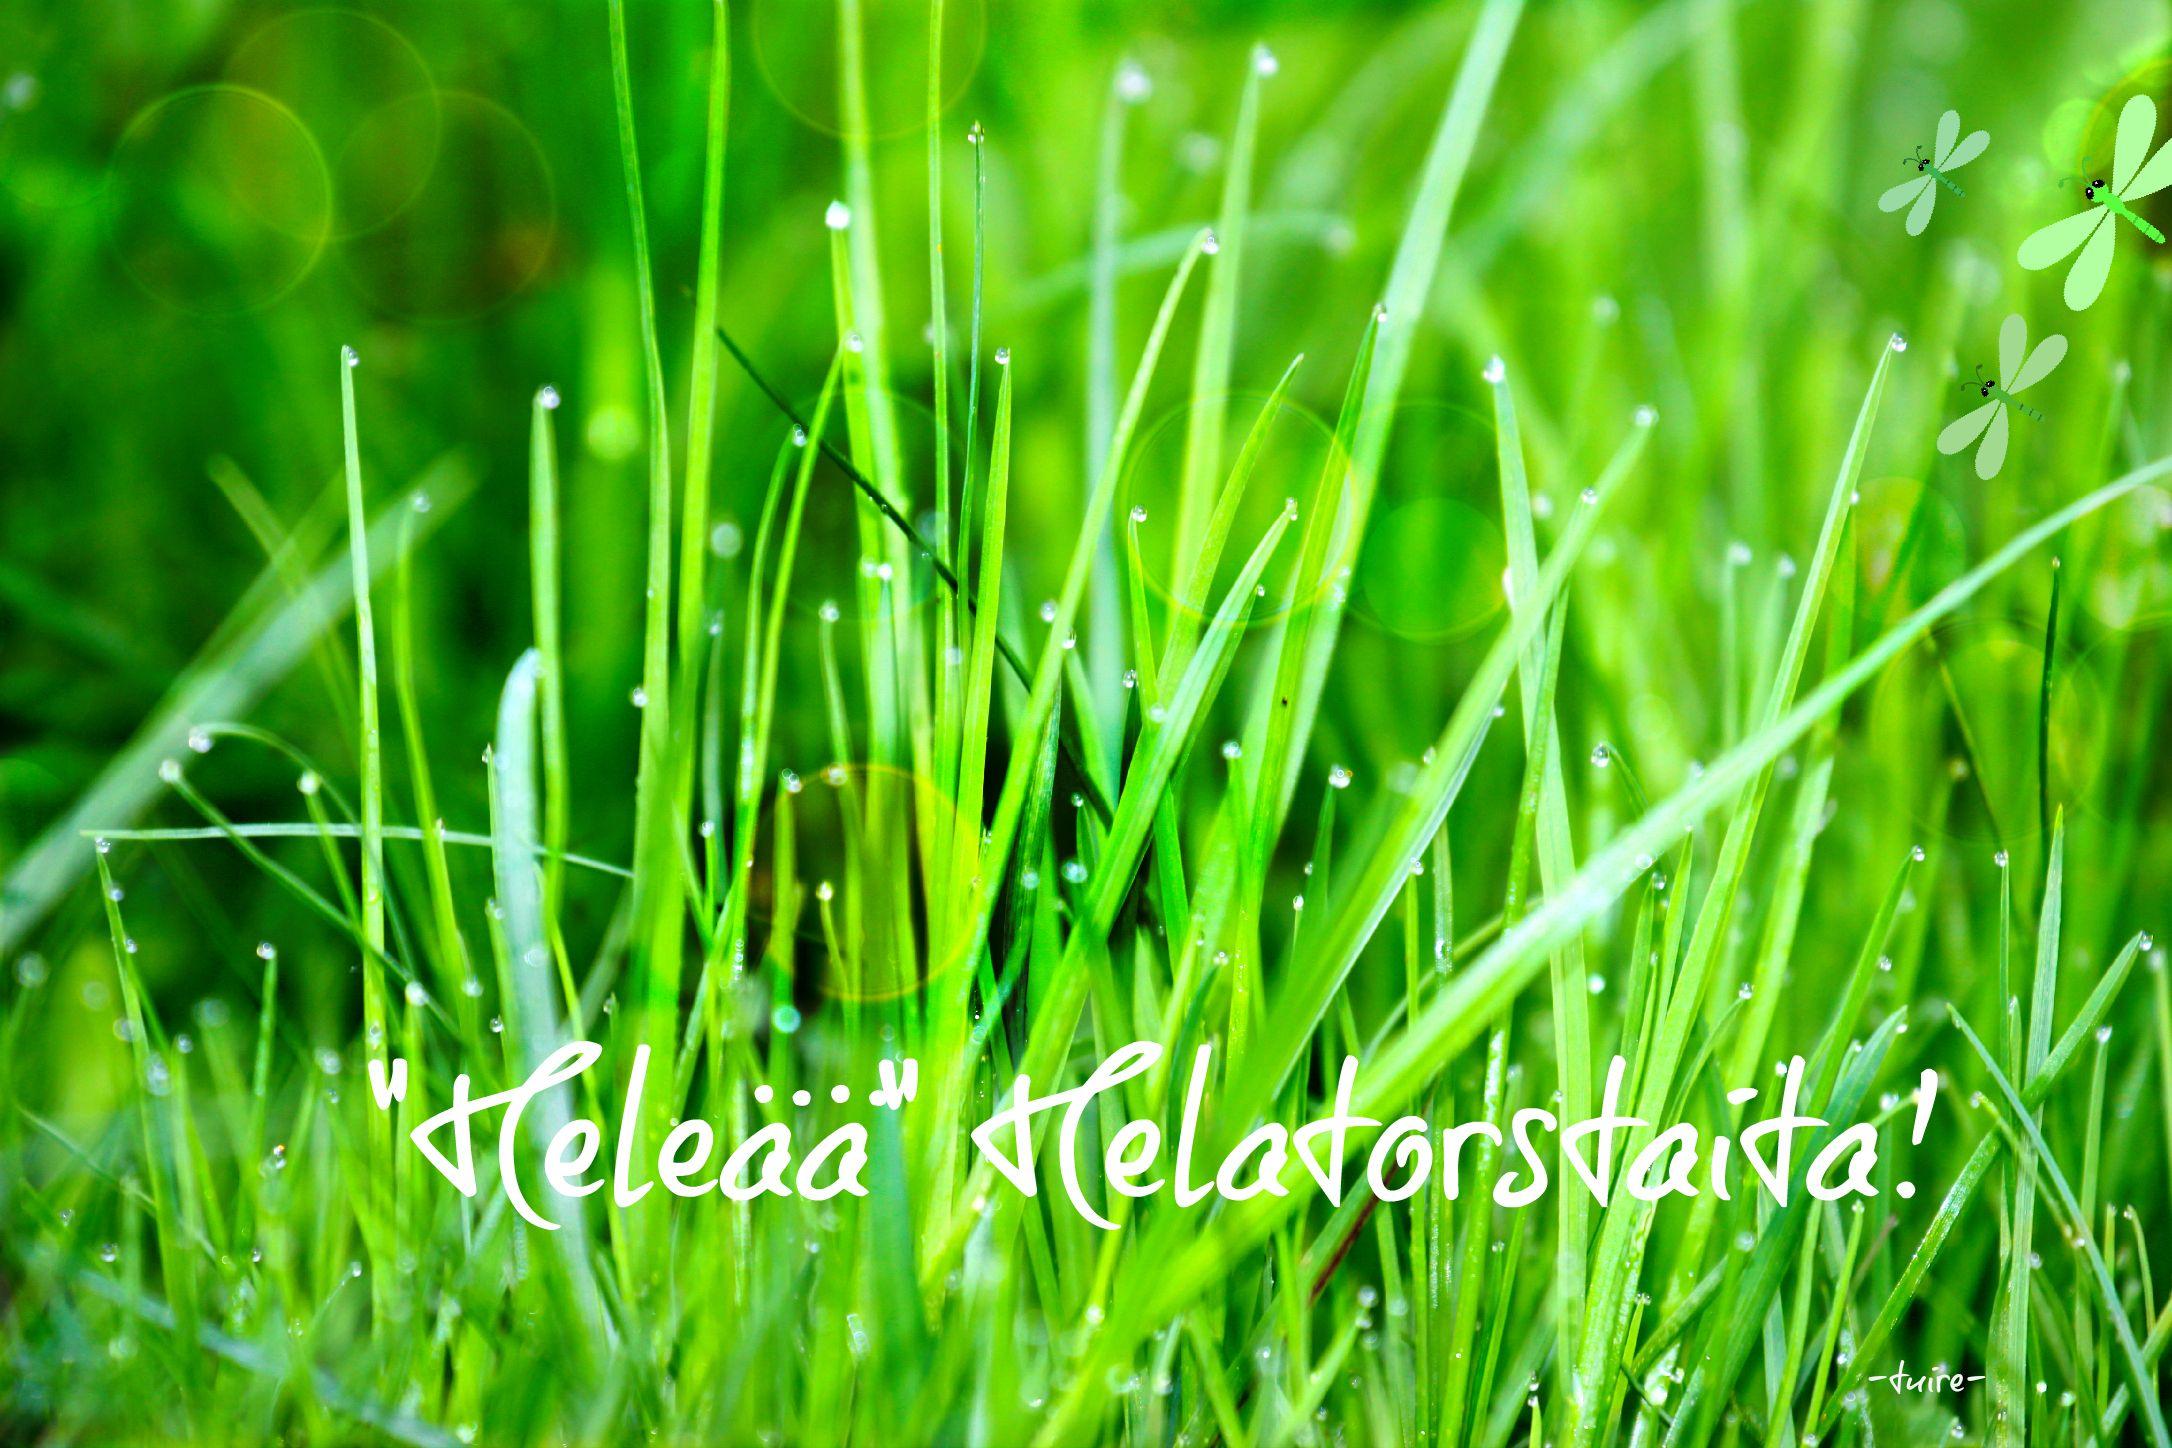 Keväinen ruoho vihertää :)